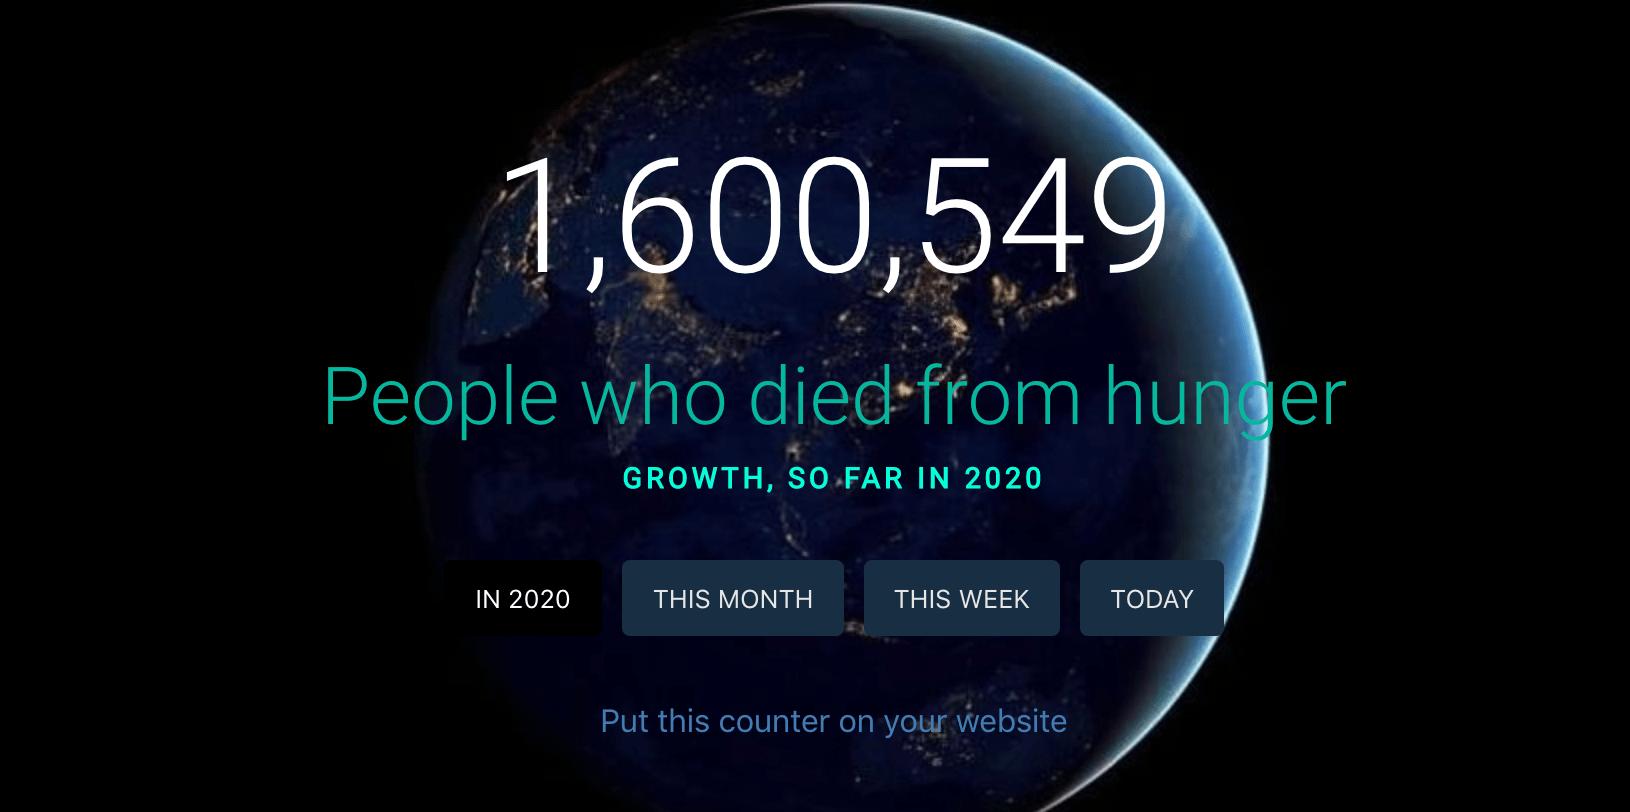 sterfte-aan-een-griepvirus-versus-sterfte-aan-de-honger-–-ontnuchterende-feiten-|-stichting-vaccin-vrij